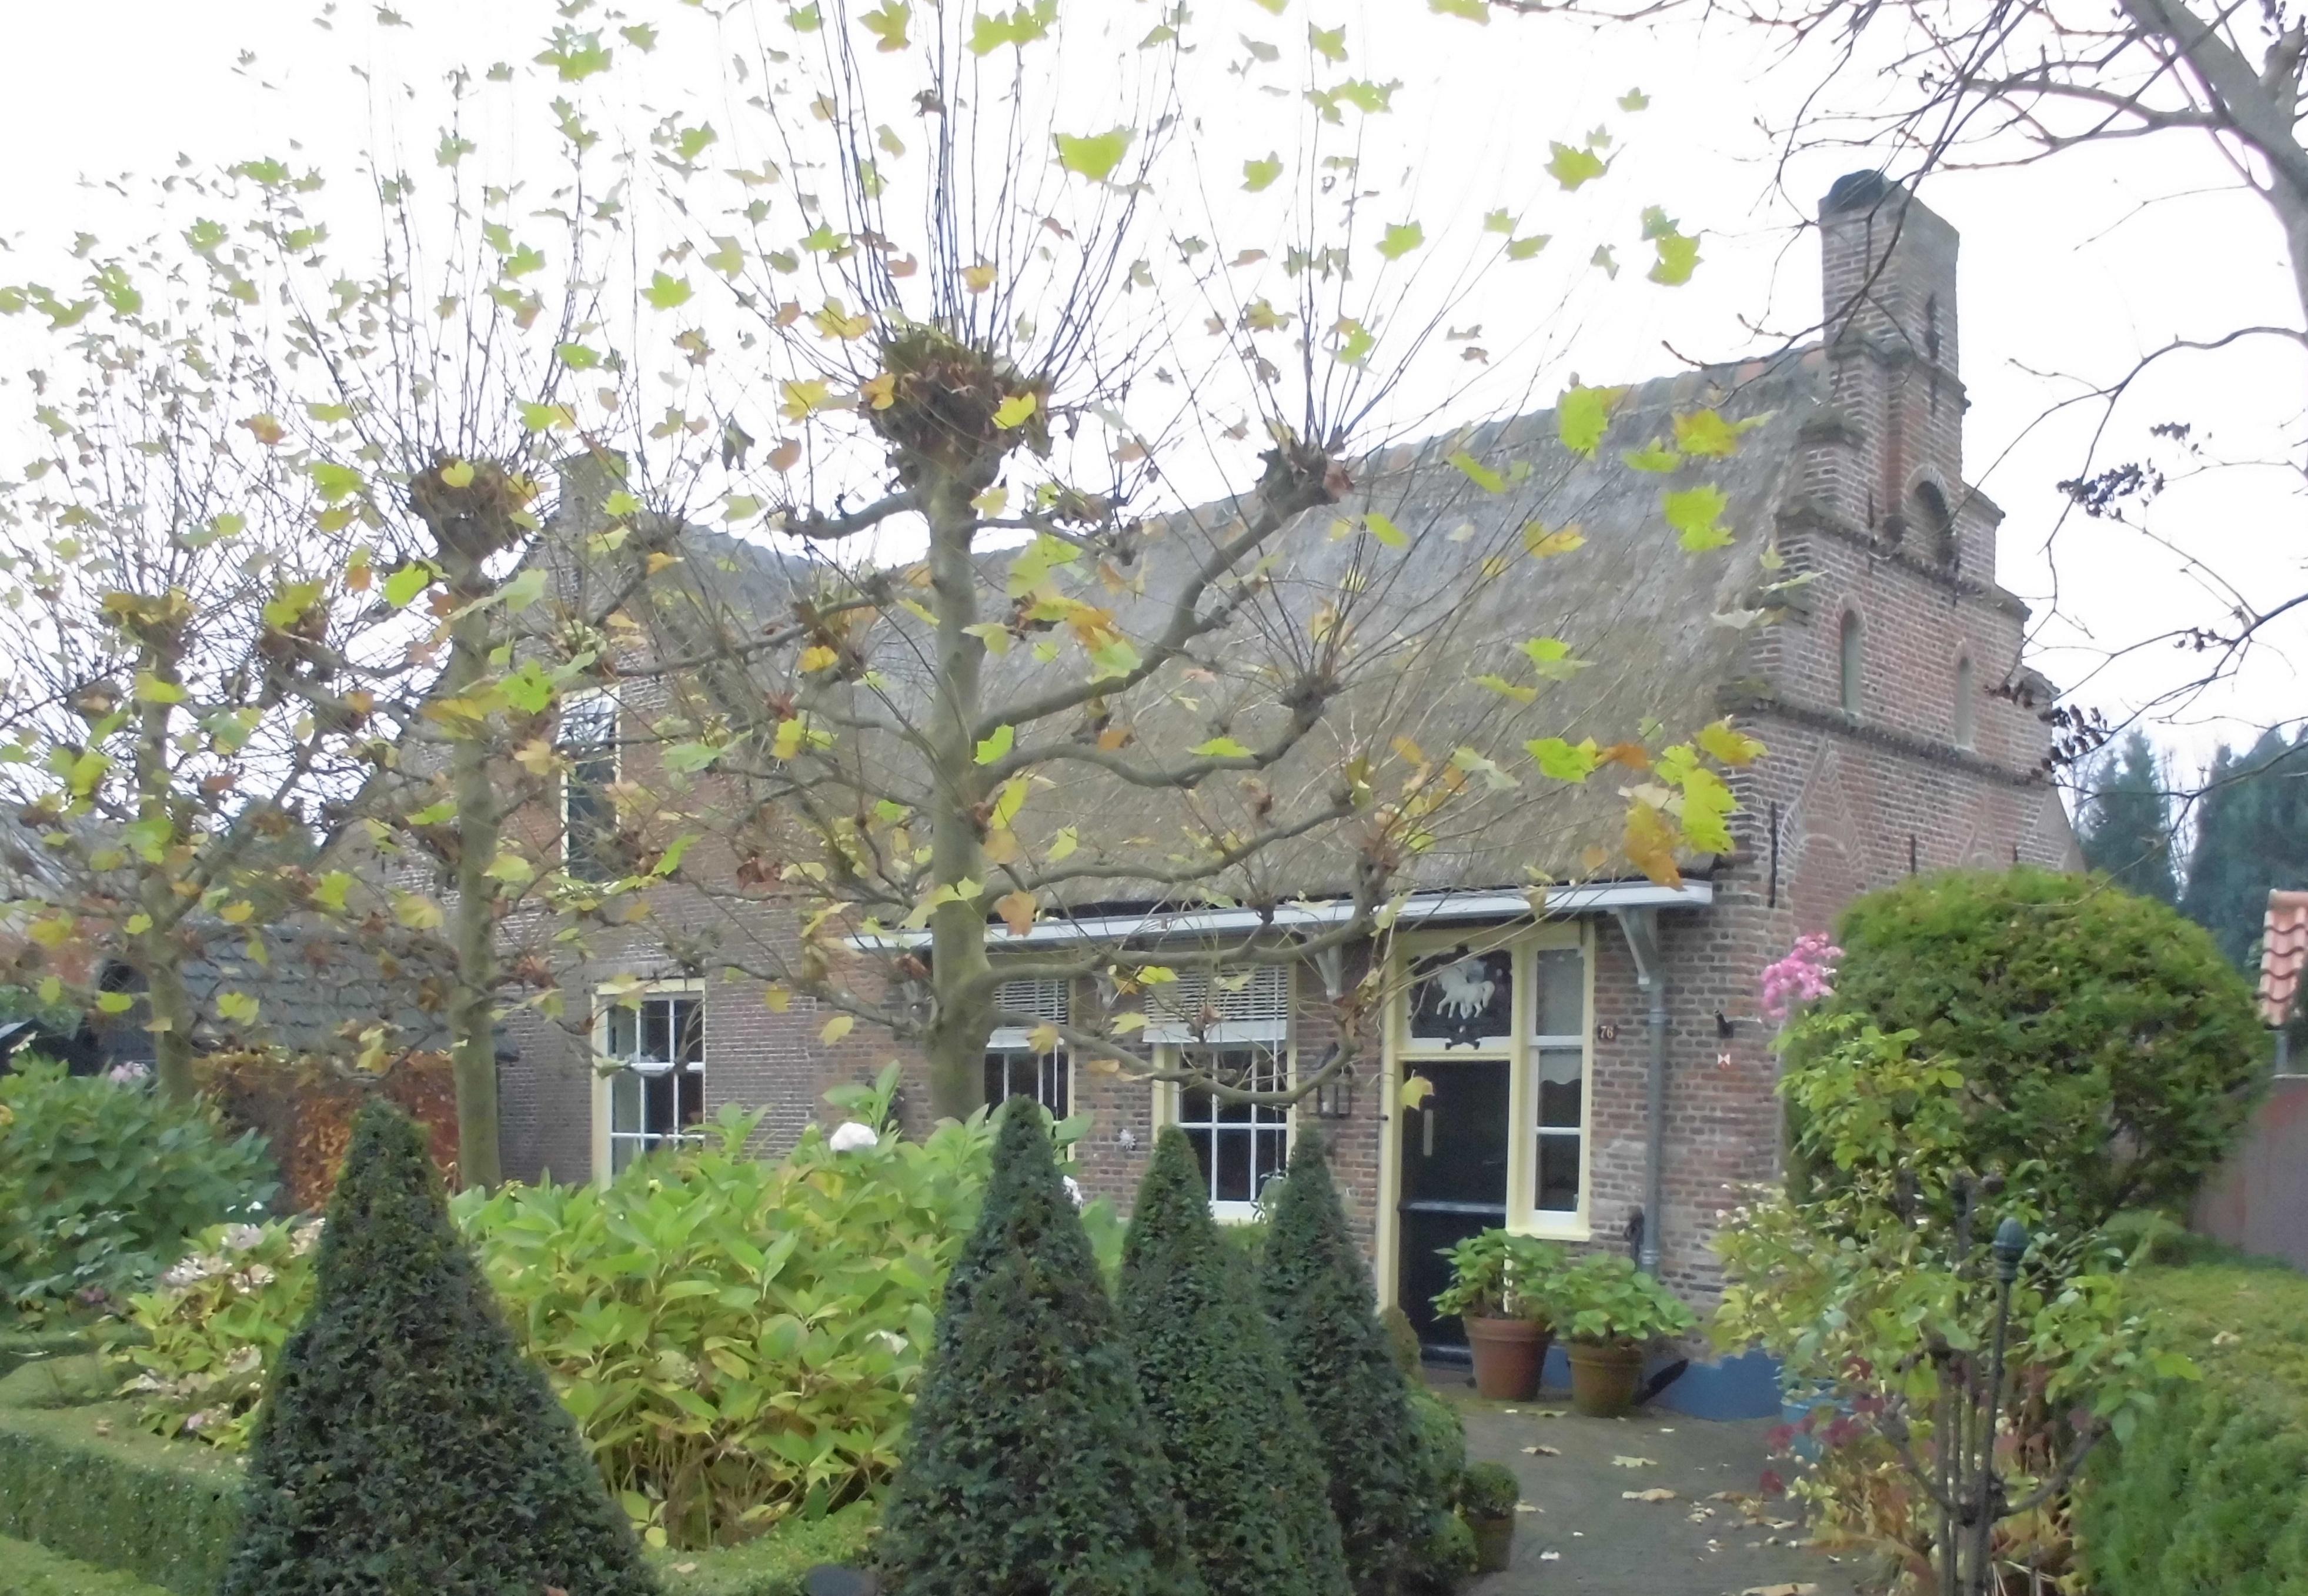 Landhuis met topgevel zijgevel met trapgevel in huizen monument - Foto huizen ...